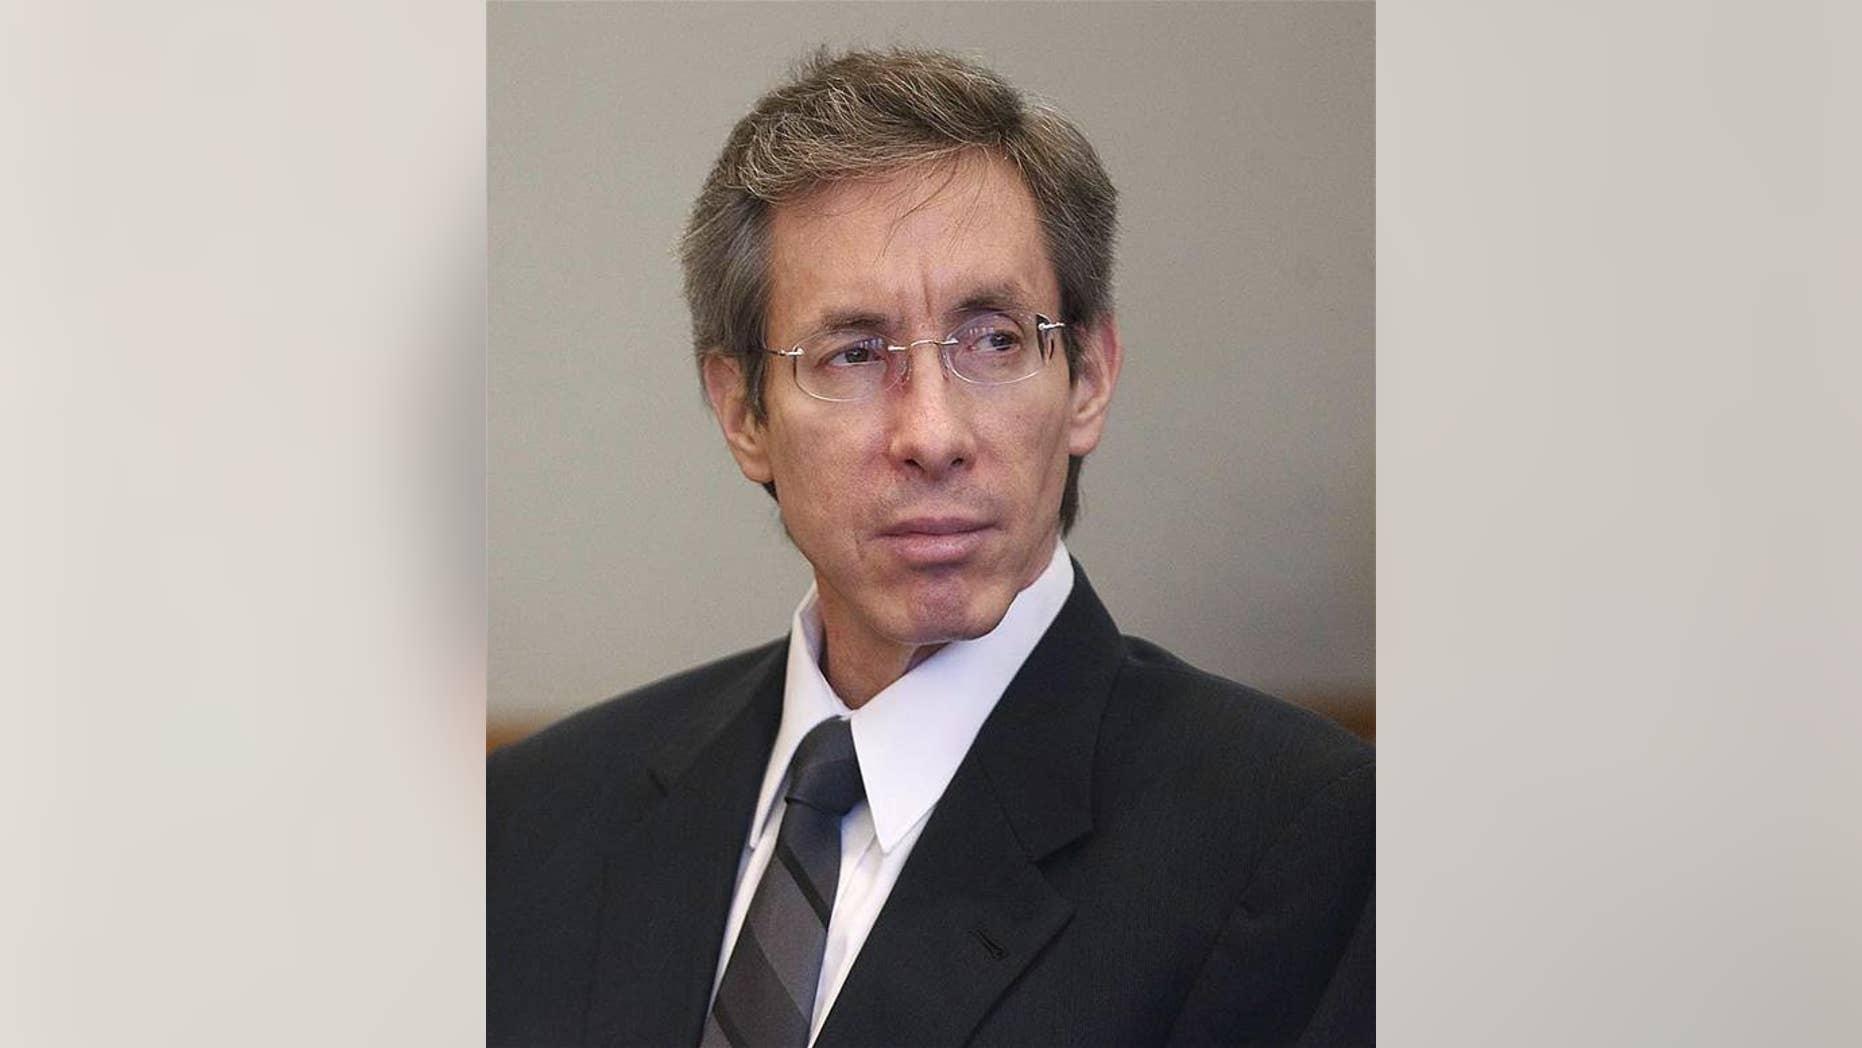 Warren Jeffs sits in the Third District Court in Salt Lake City on Nov. 15, 2010.